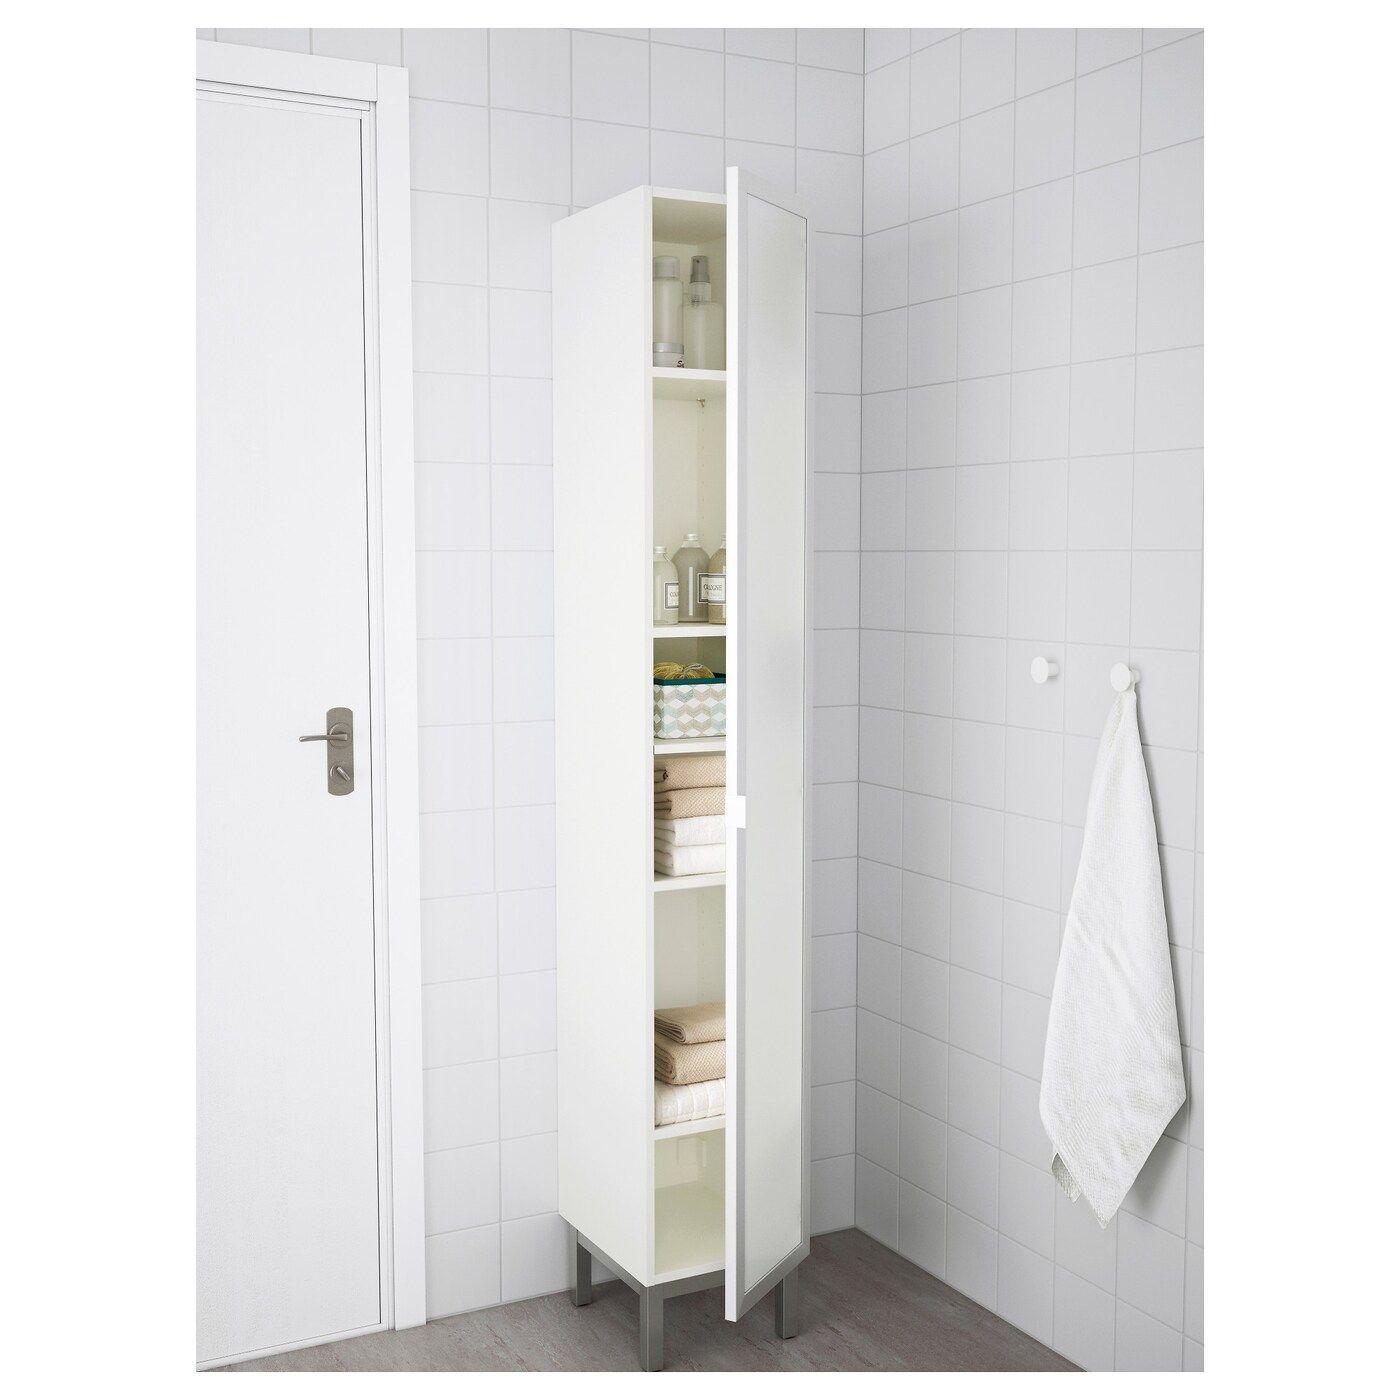 Ikea Lillangen Hochschrank Weiss Aluminium In 2020 Hochschrank Weiss Hochschrank Badezimmer Design